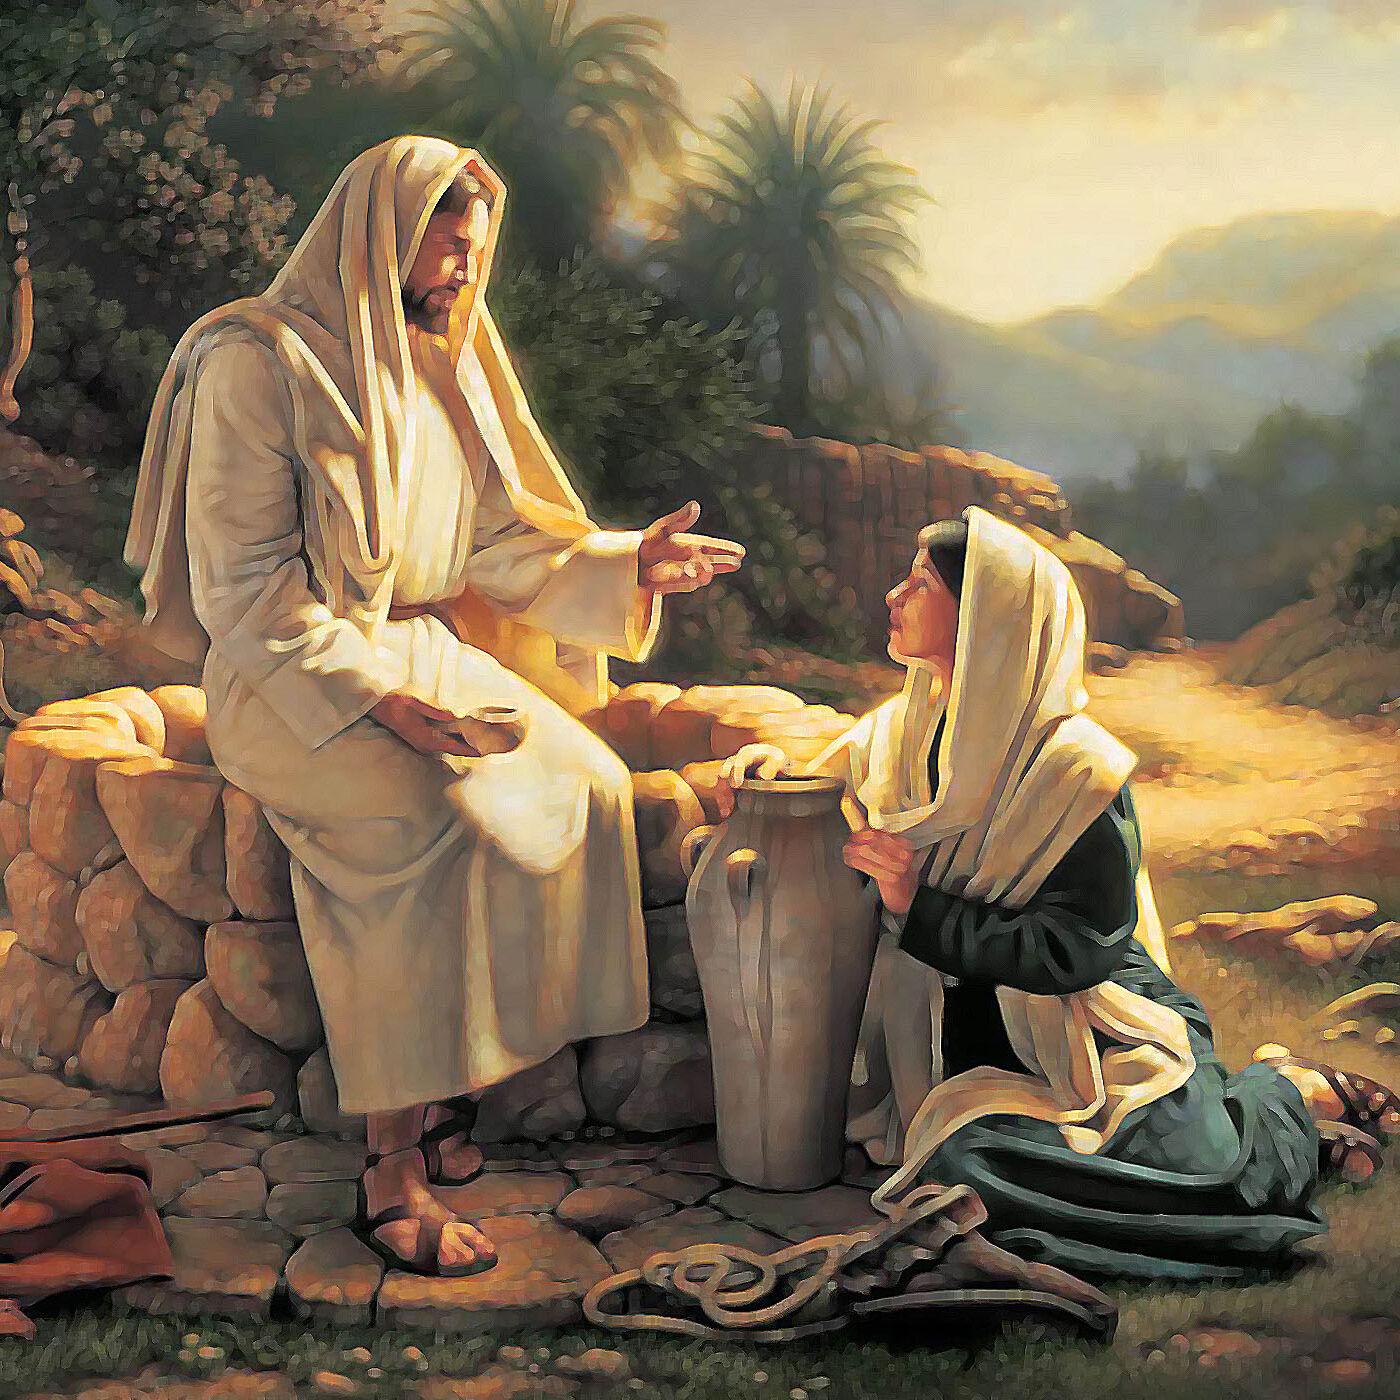 riflessioni sul Vangelo di Martedì 8 Giugno 2021 (Mt 5, 13-16) - Apostola Michela